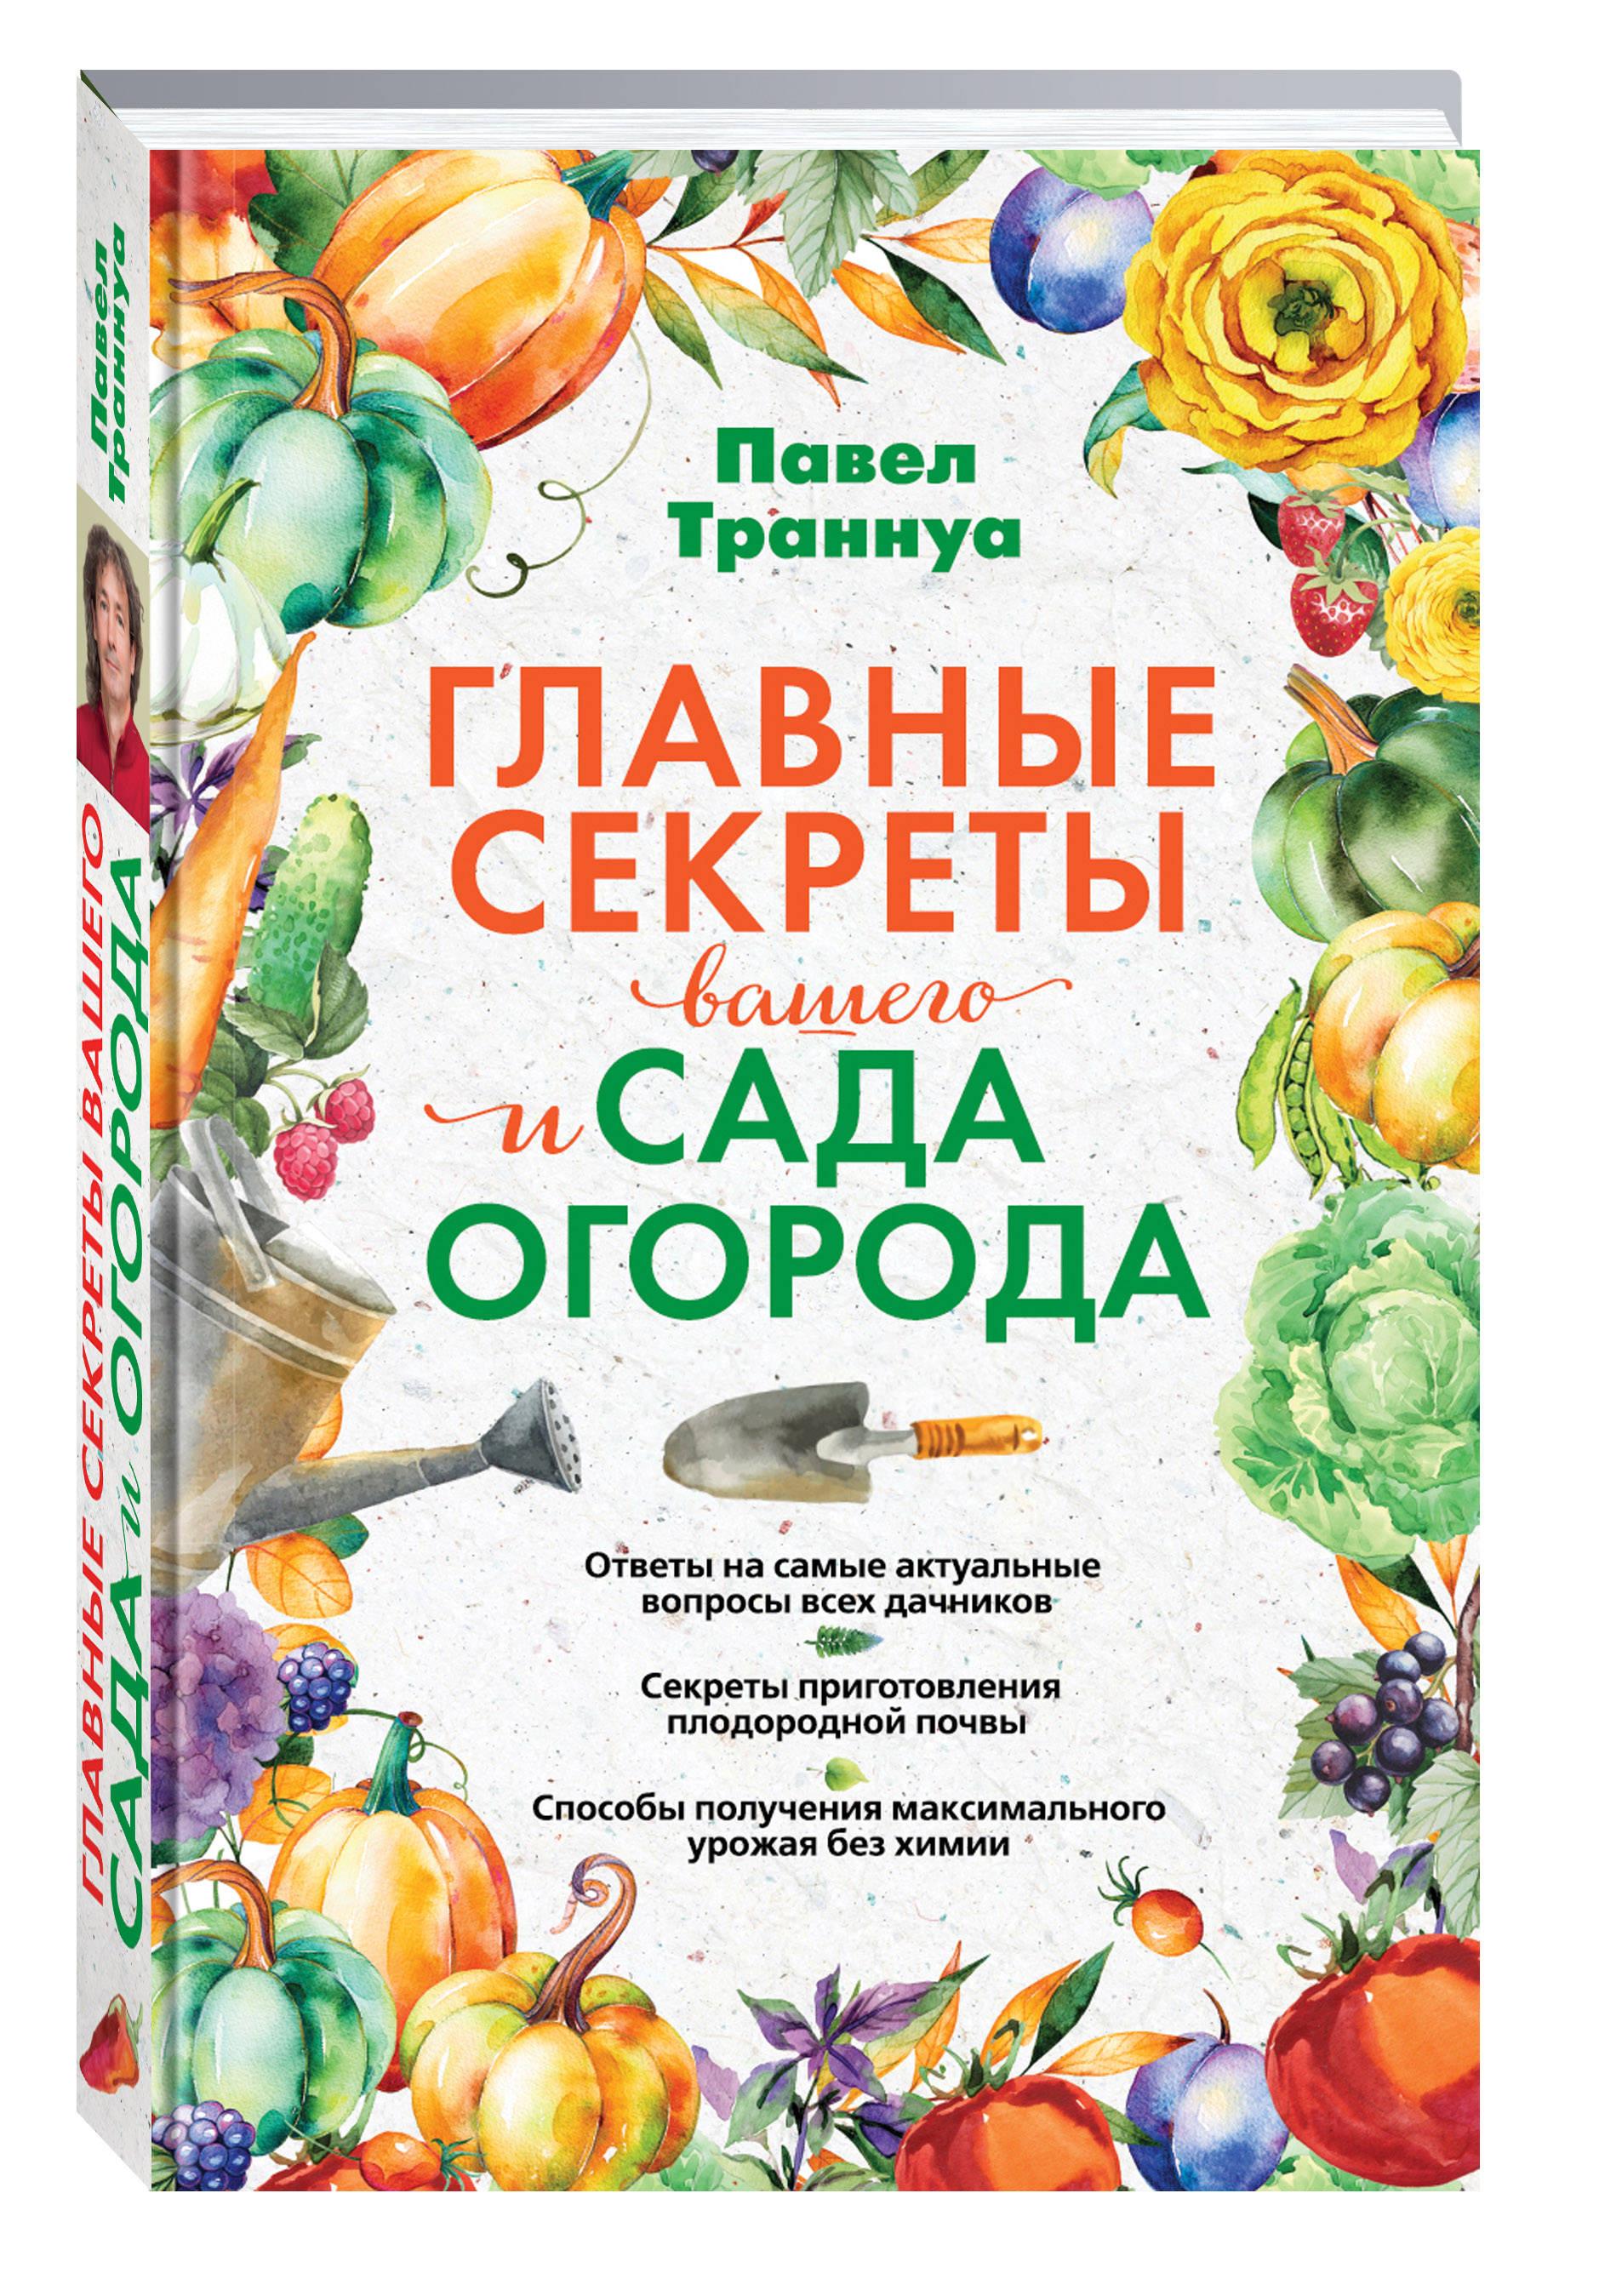 Павел Траннуа Главные секреты вашего сада и огорода (переиздание) цены